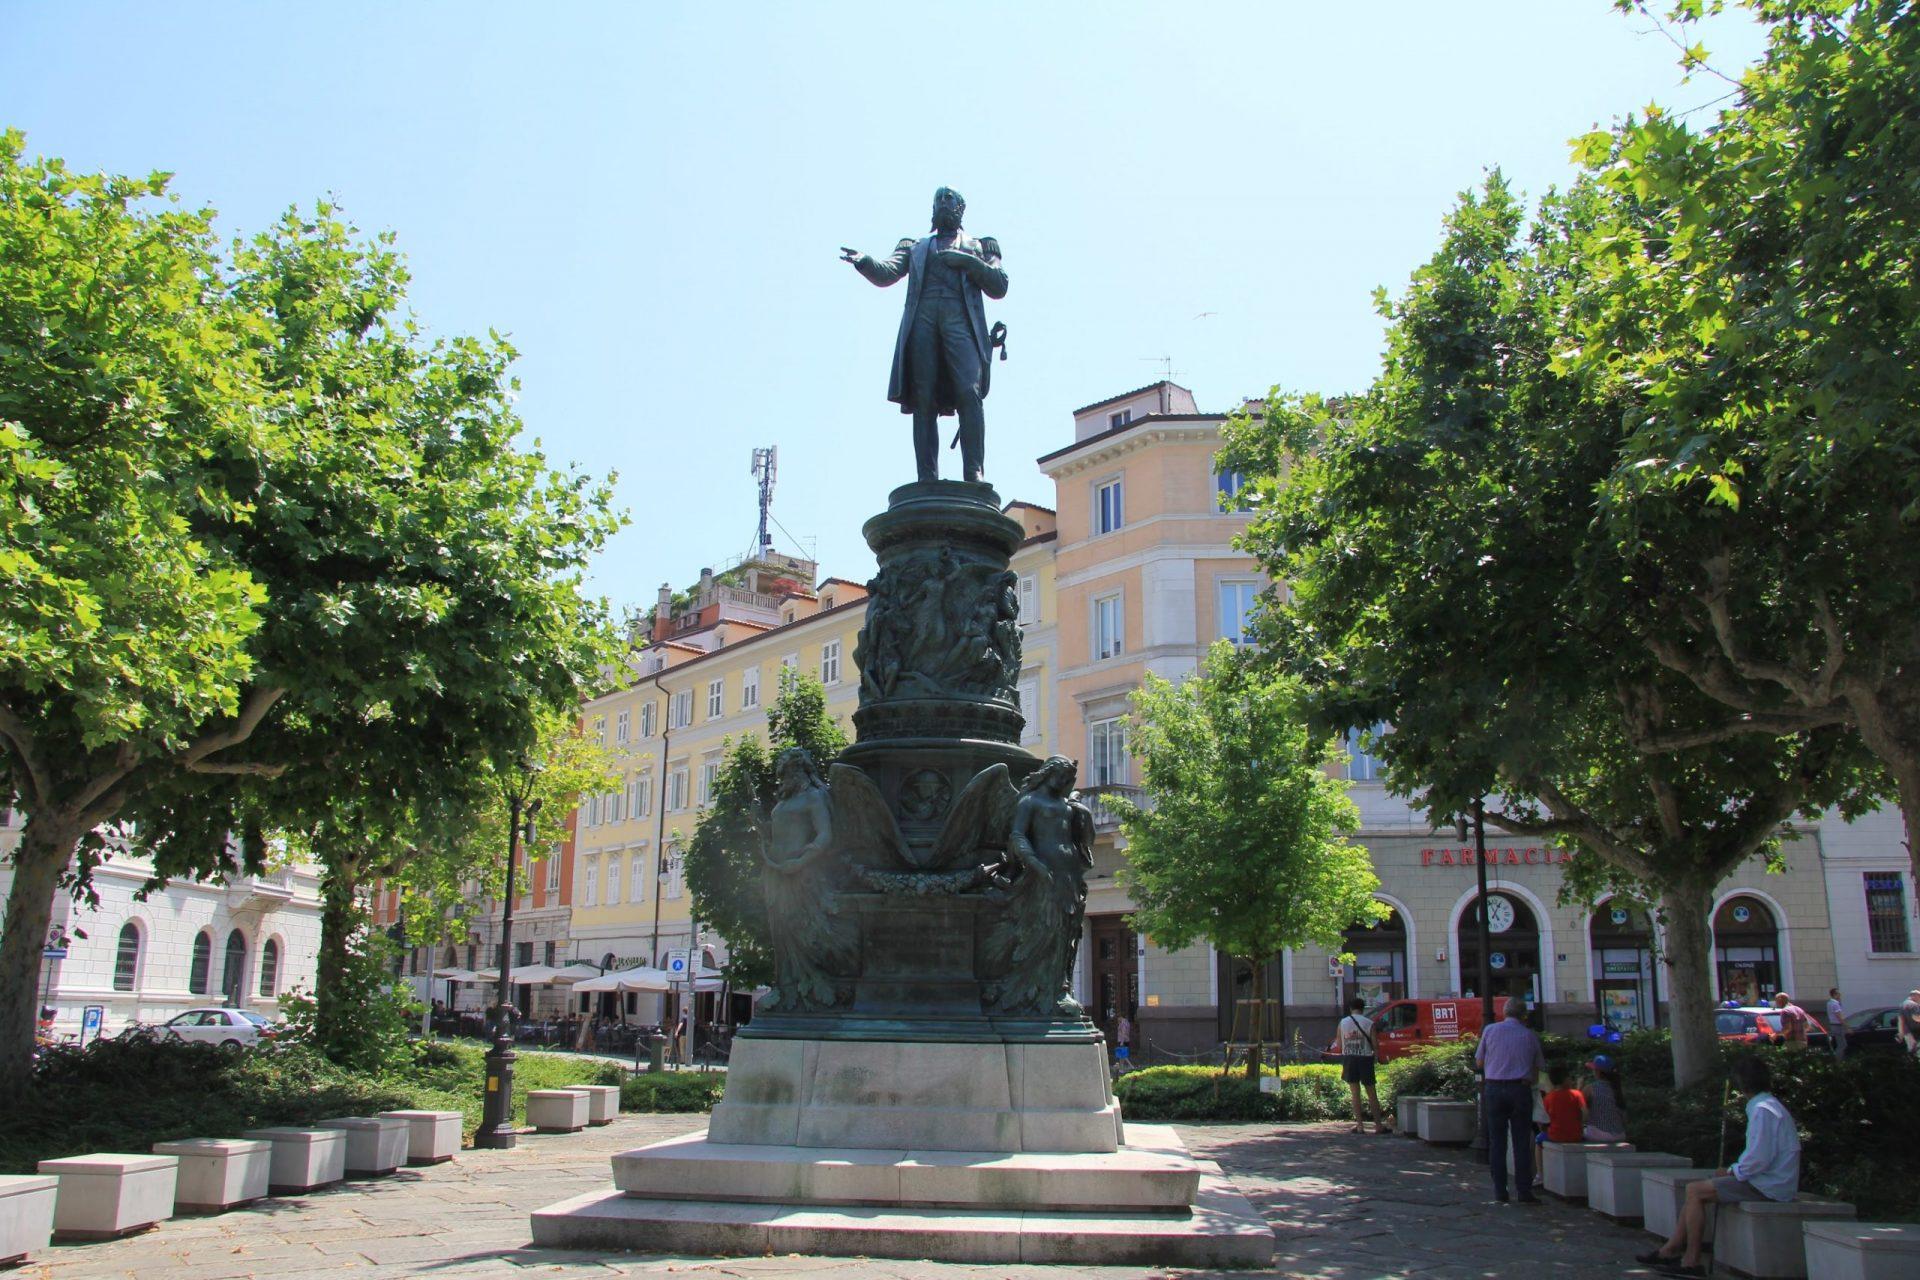 Памятник Максимилиану I, Триест, Италия. Июнь, 2019